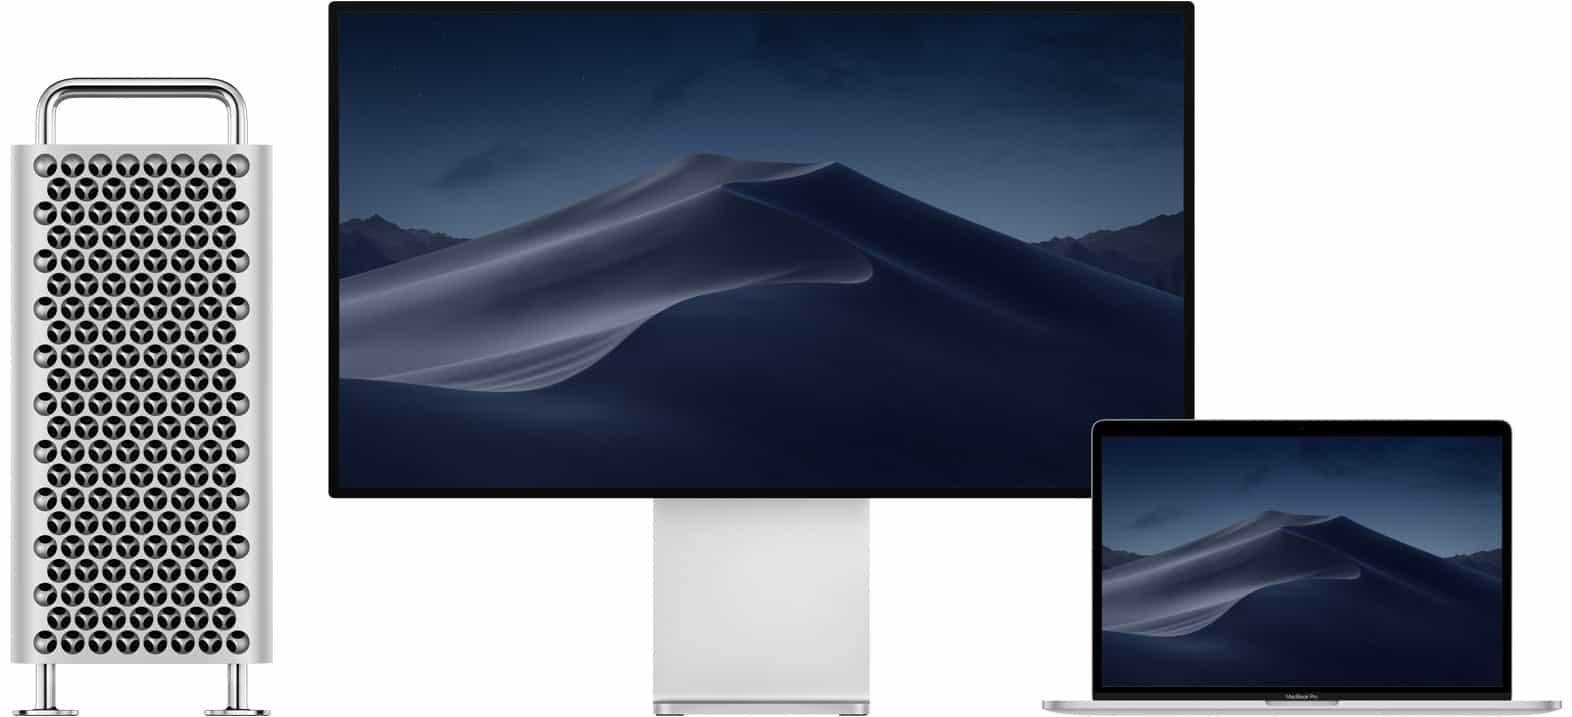 Mac Pro + Pro Display XDR